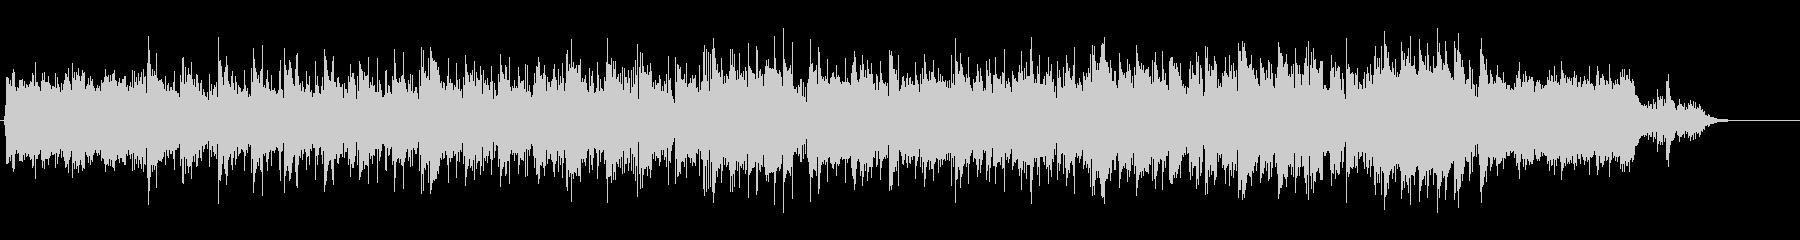 スマートなBGM(メロ無しバージョン)の未再生の波形